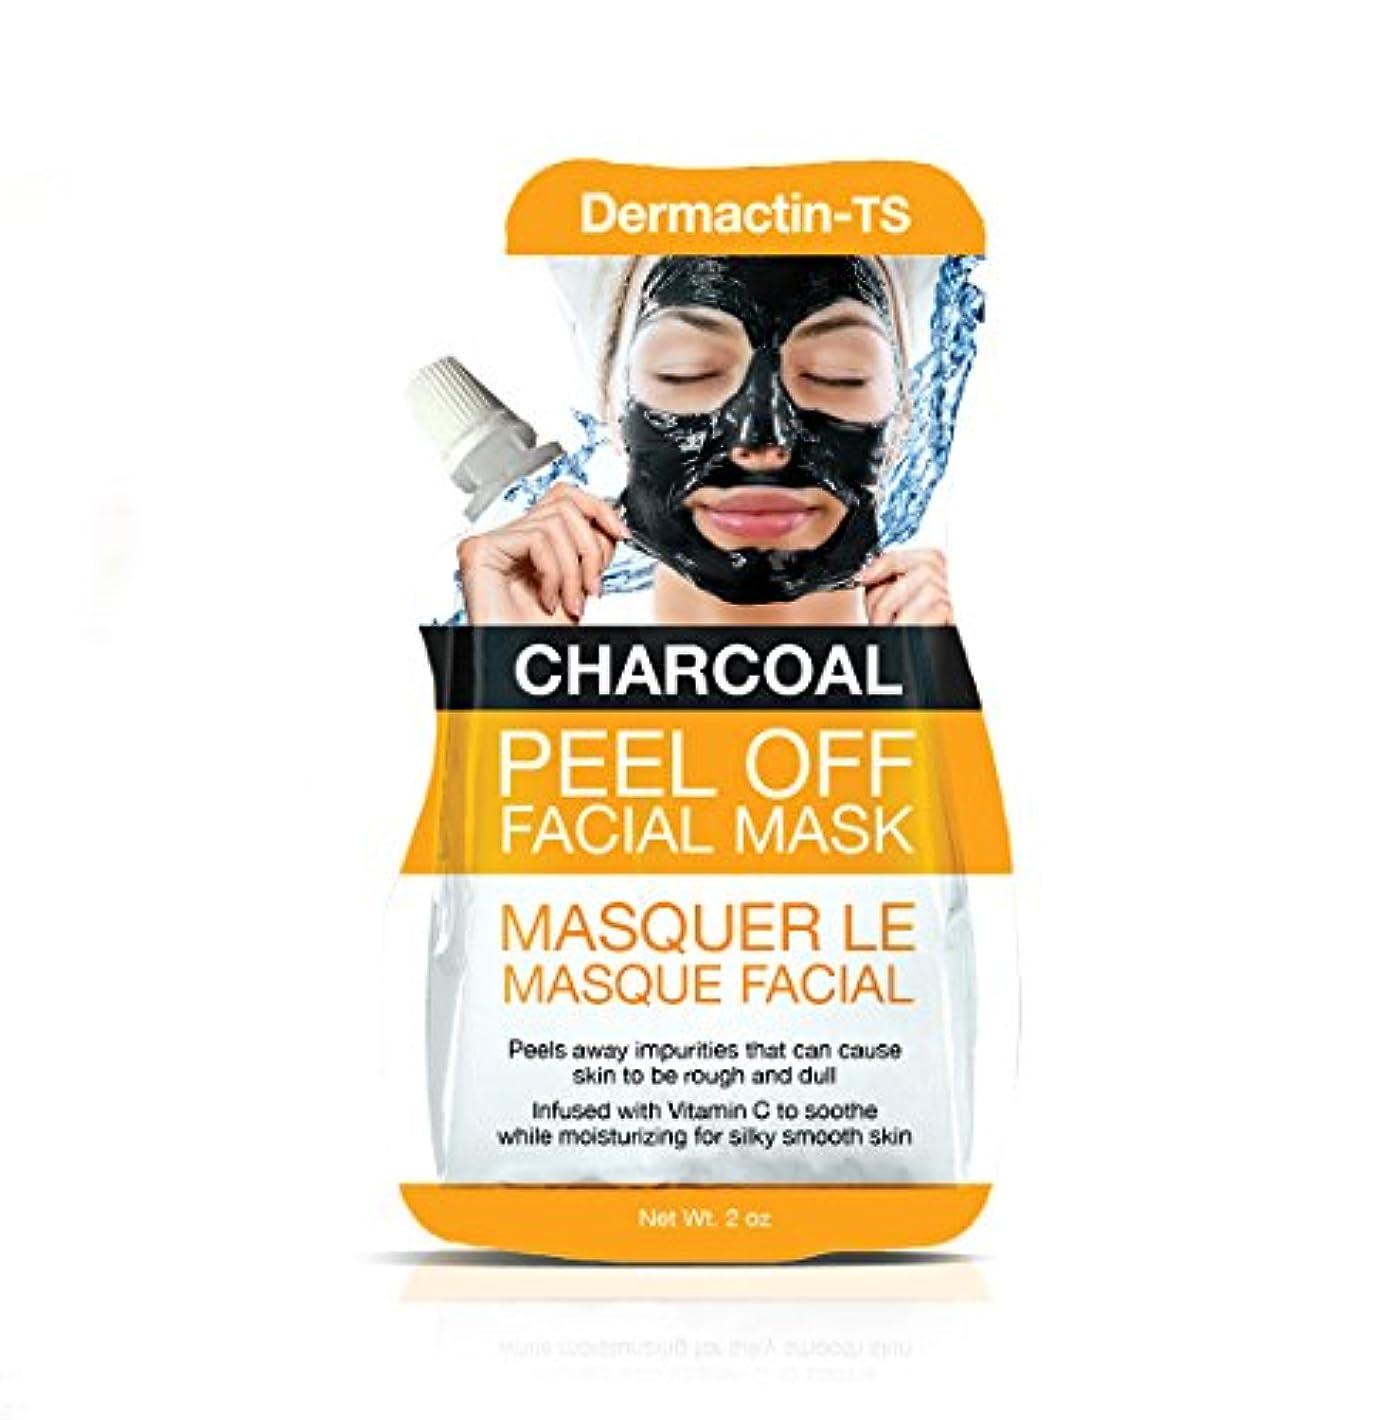 つぶやき大胆アセンブリDermactin-TS フェイシャル?マスク?チャコール50g(パック6枚) (並行輸入品)